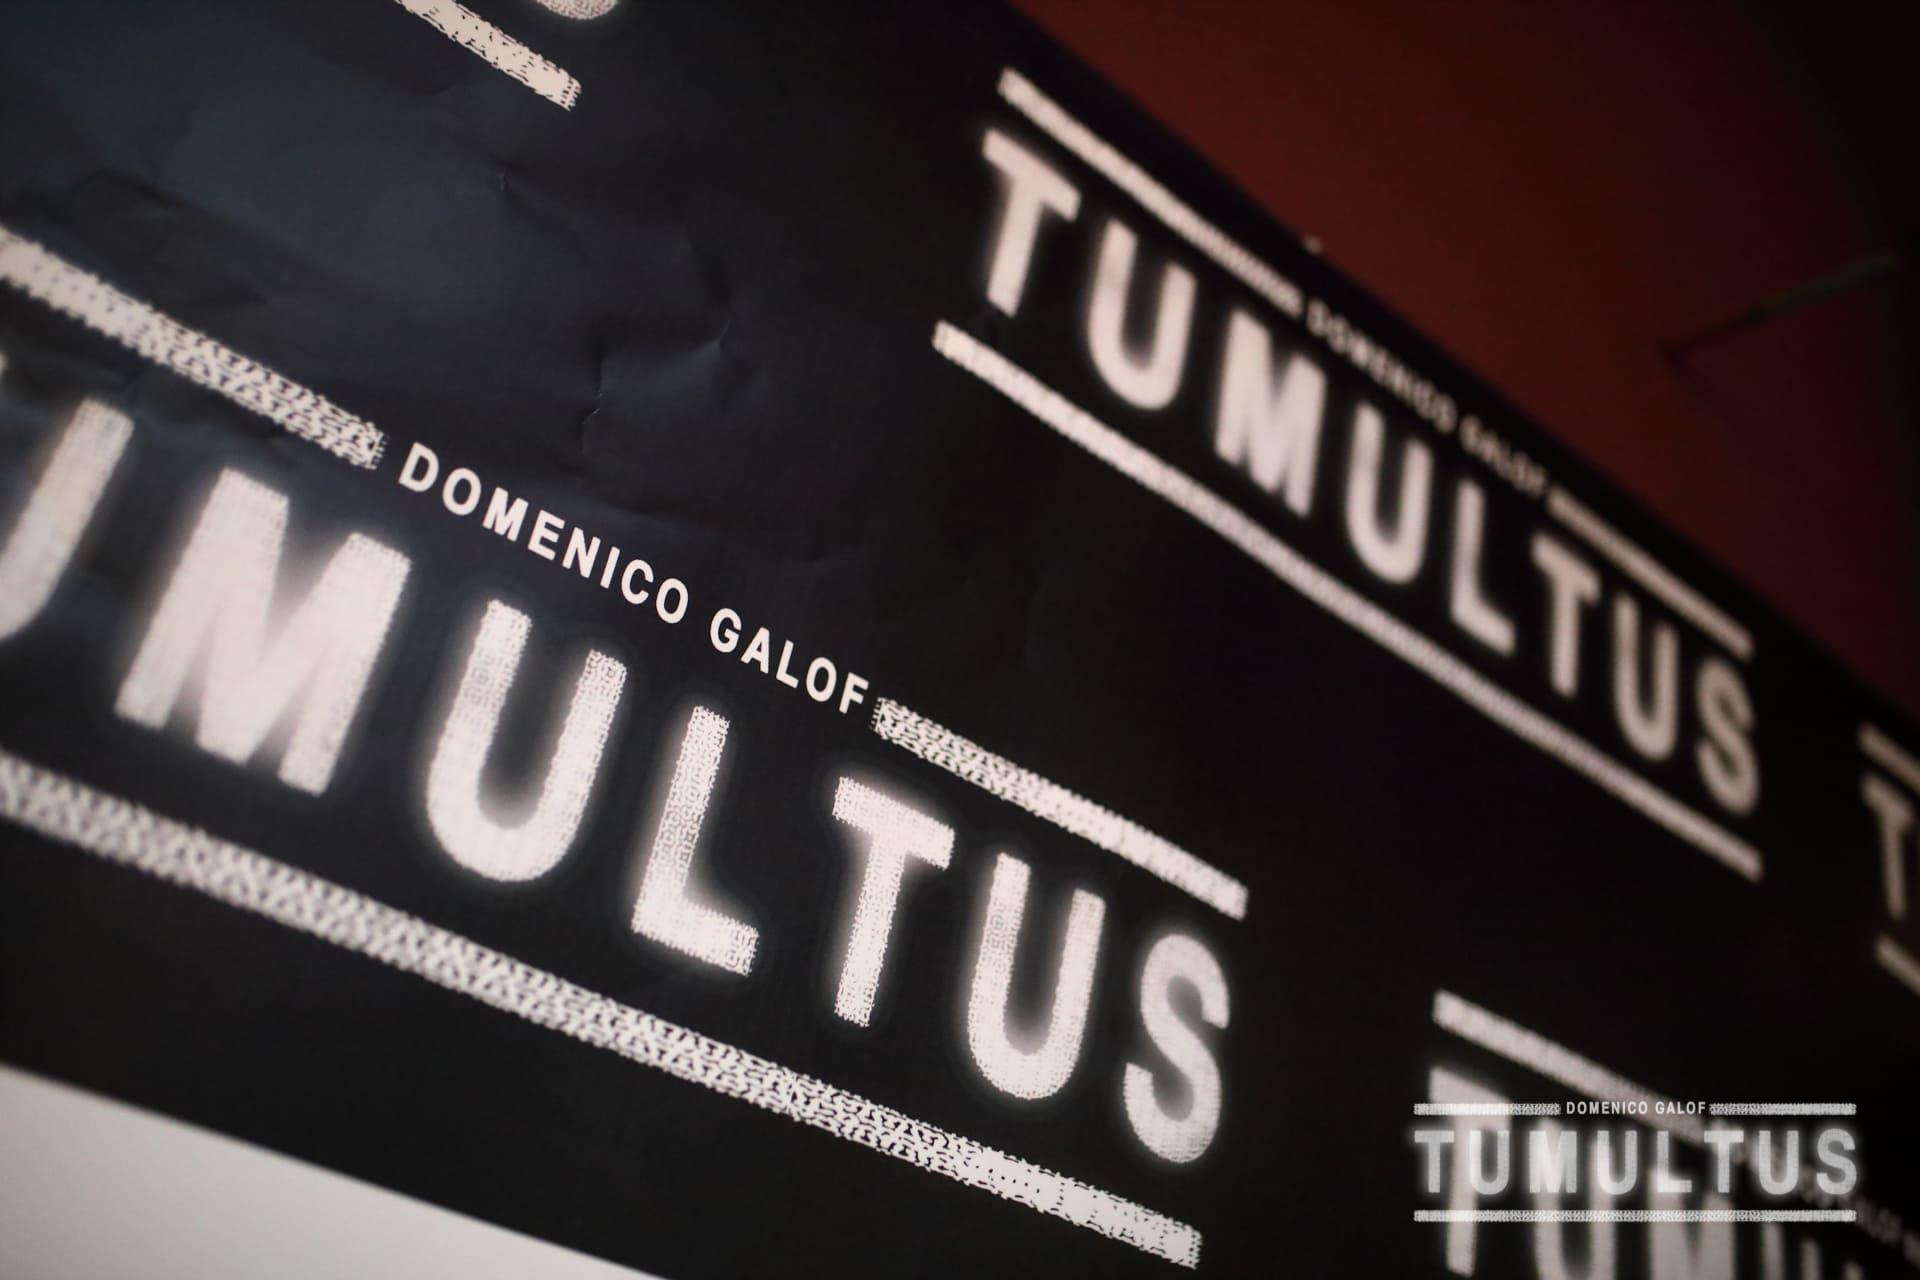 L'Origine di Tumultus (2)